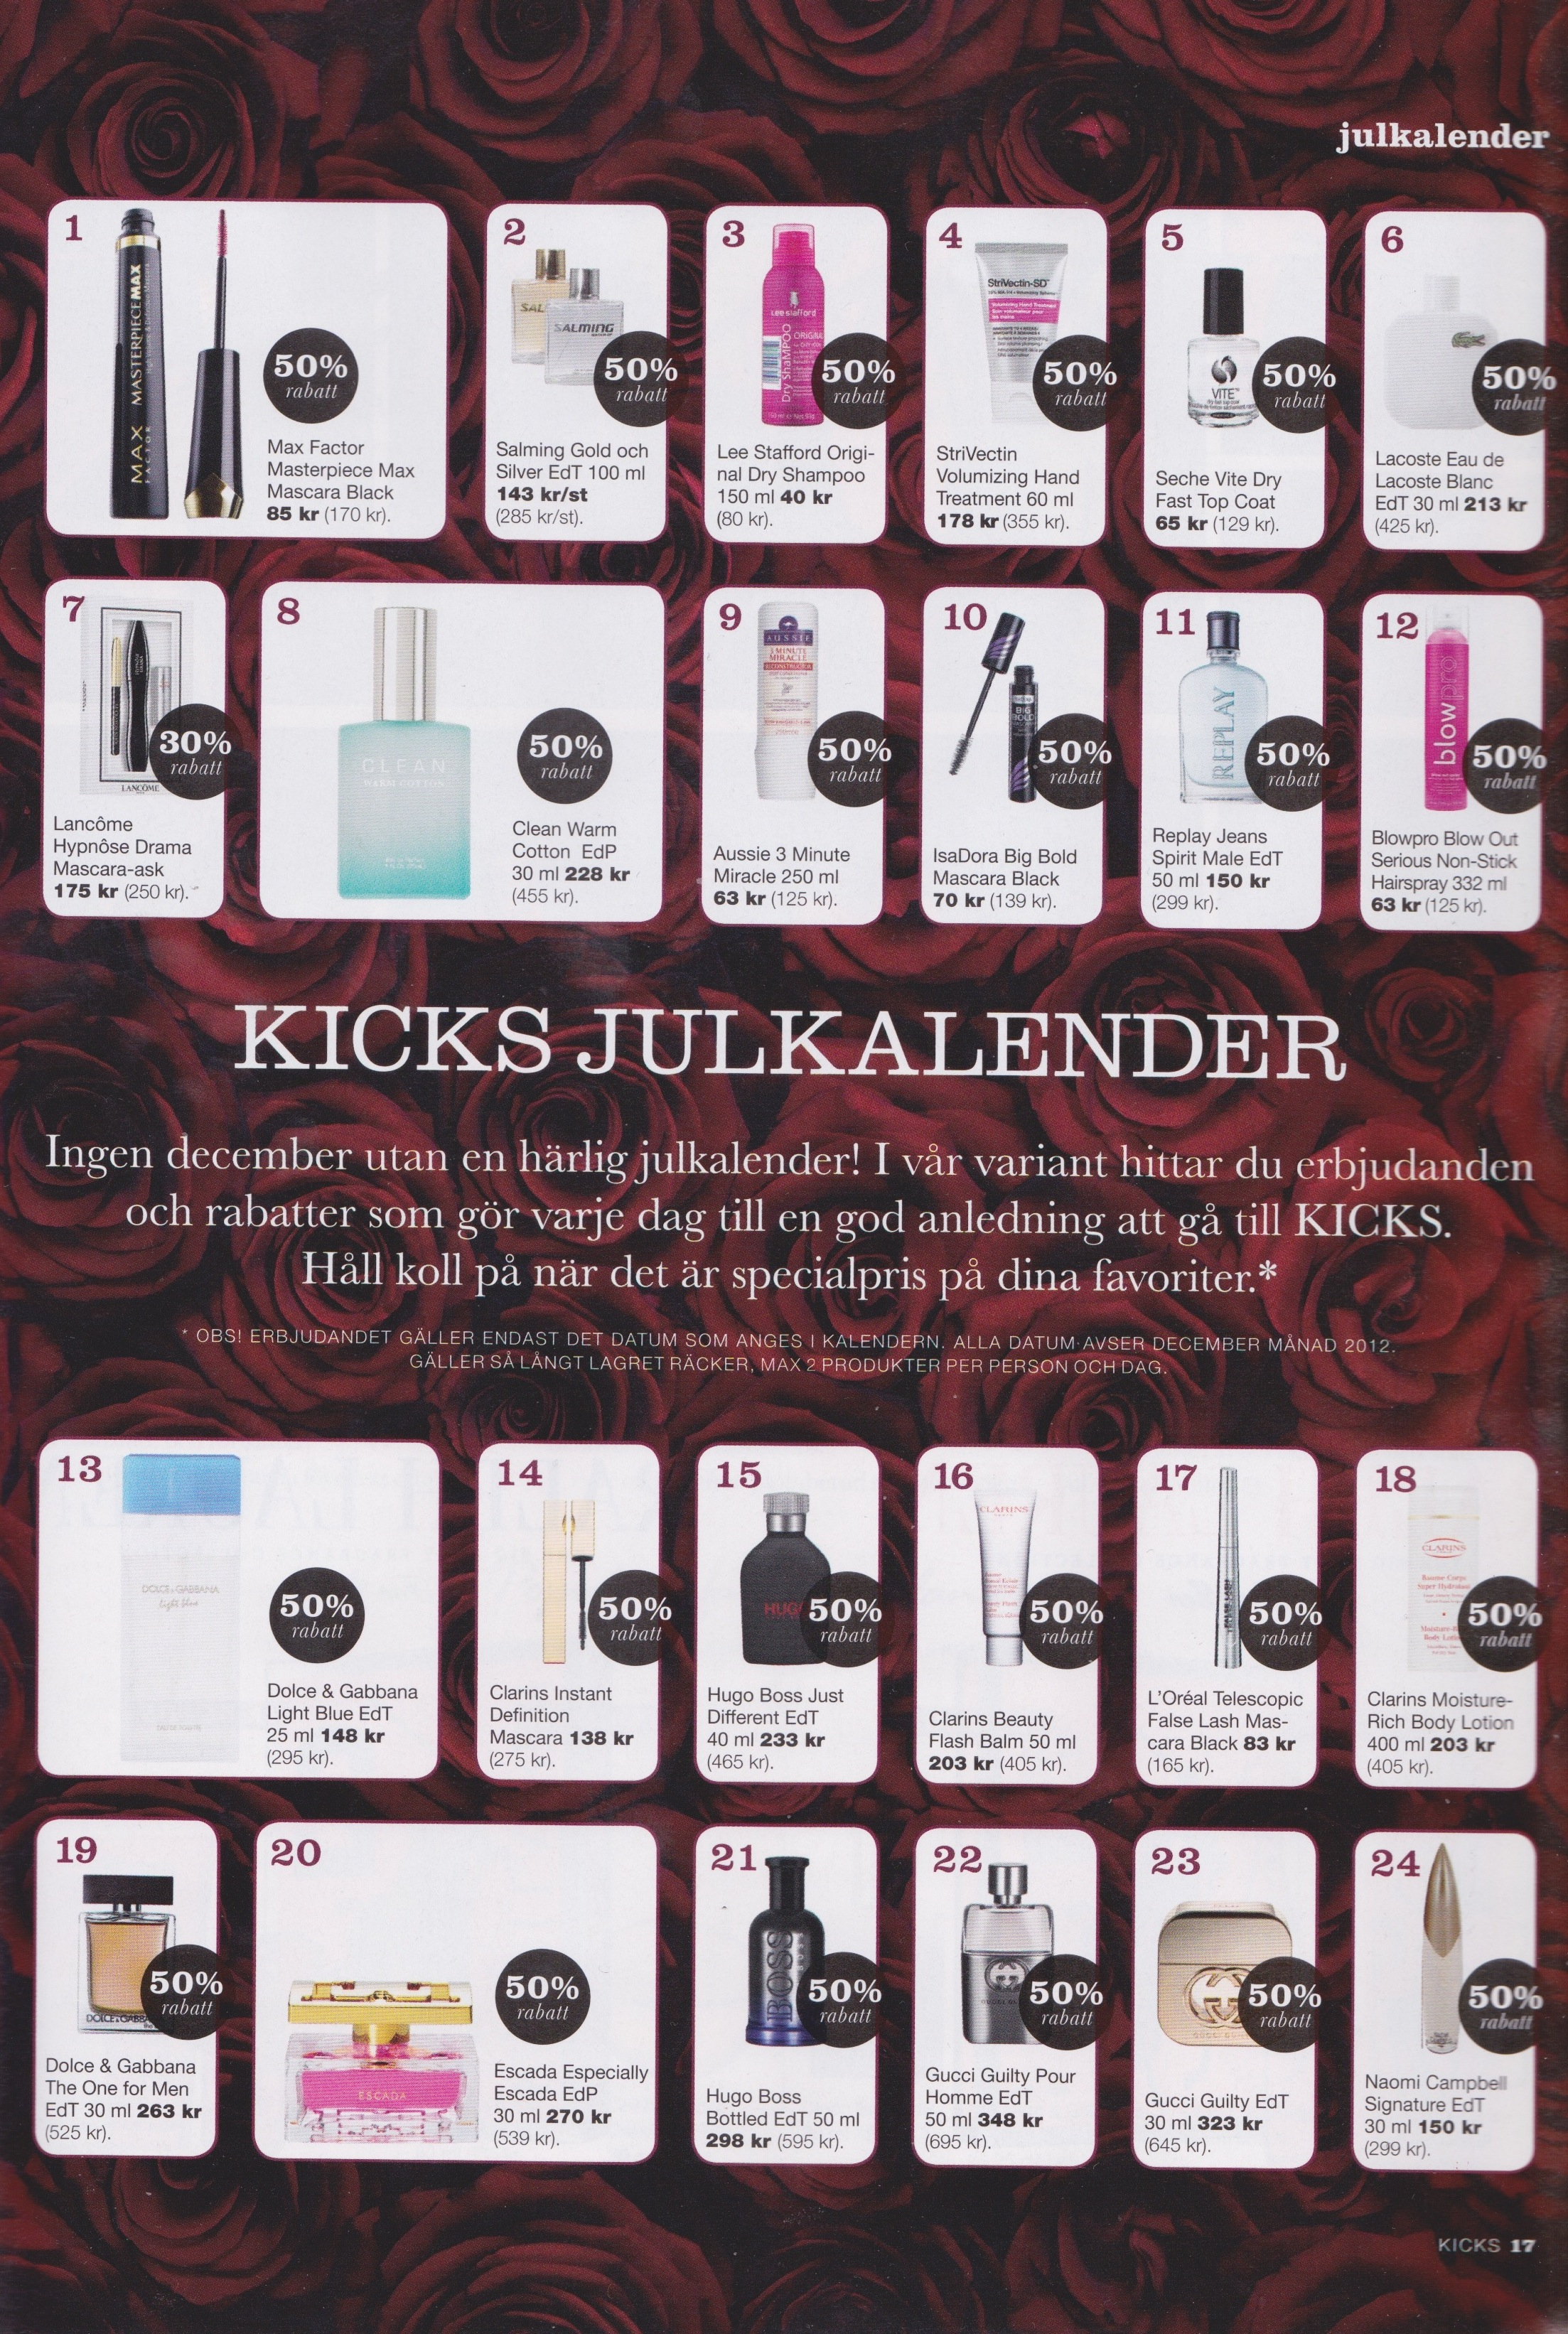 Kicks julkalender pris